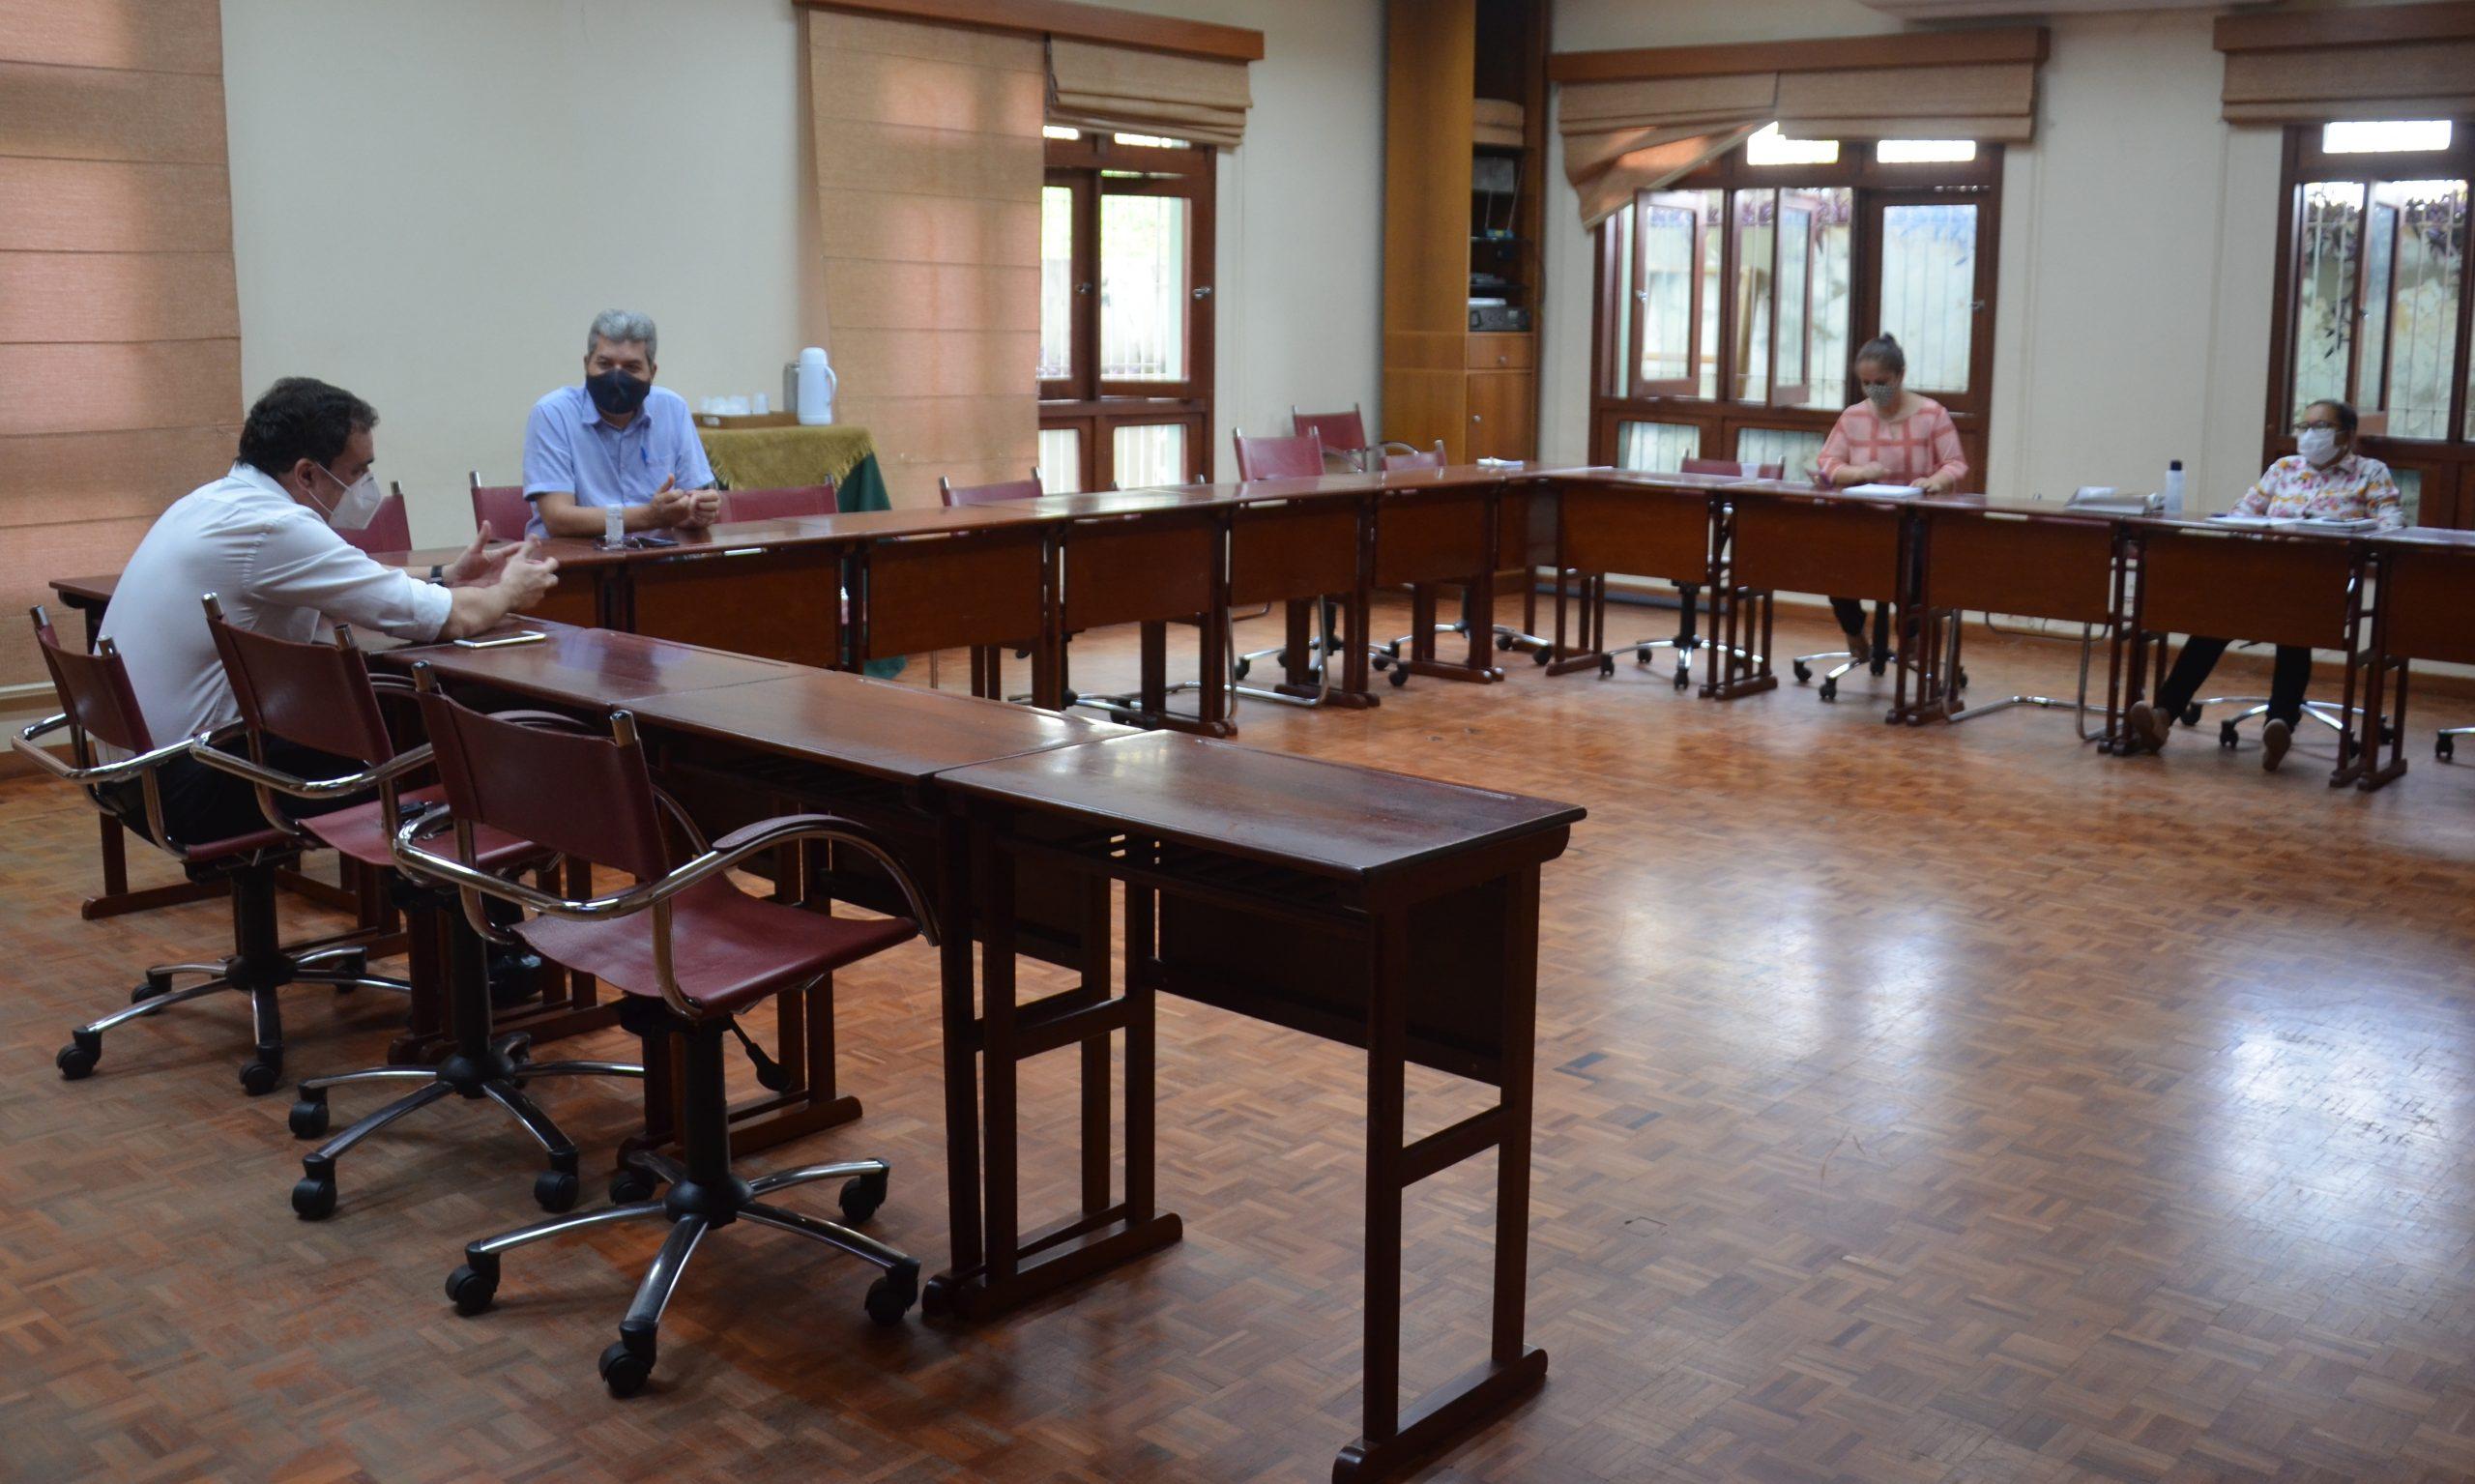 Educação alinha planejamento de aulas remotas com instituições